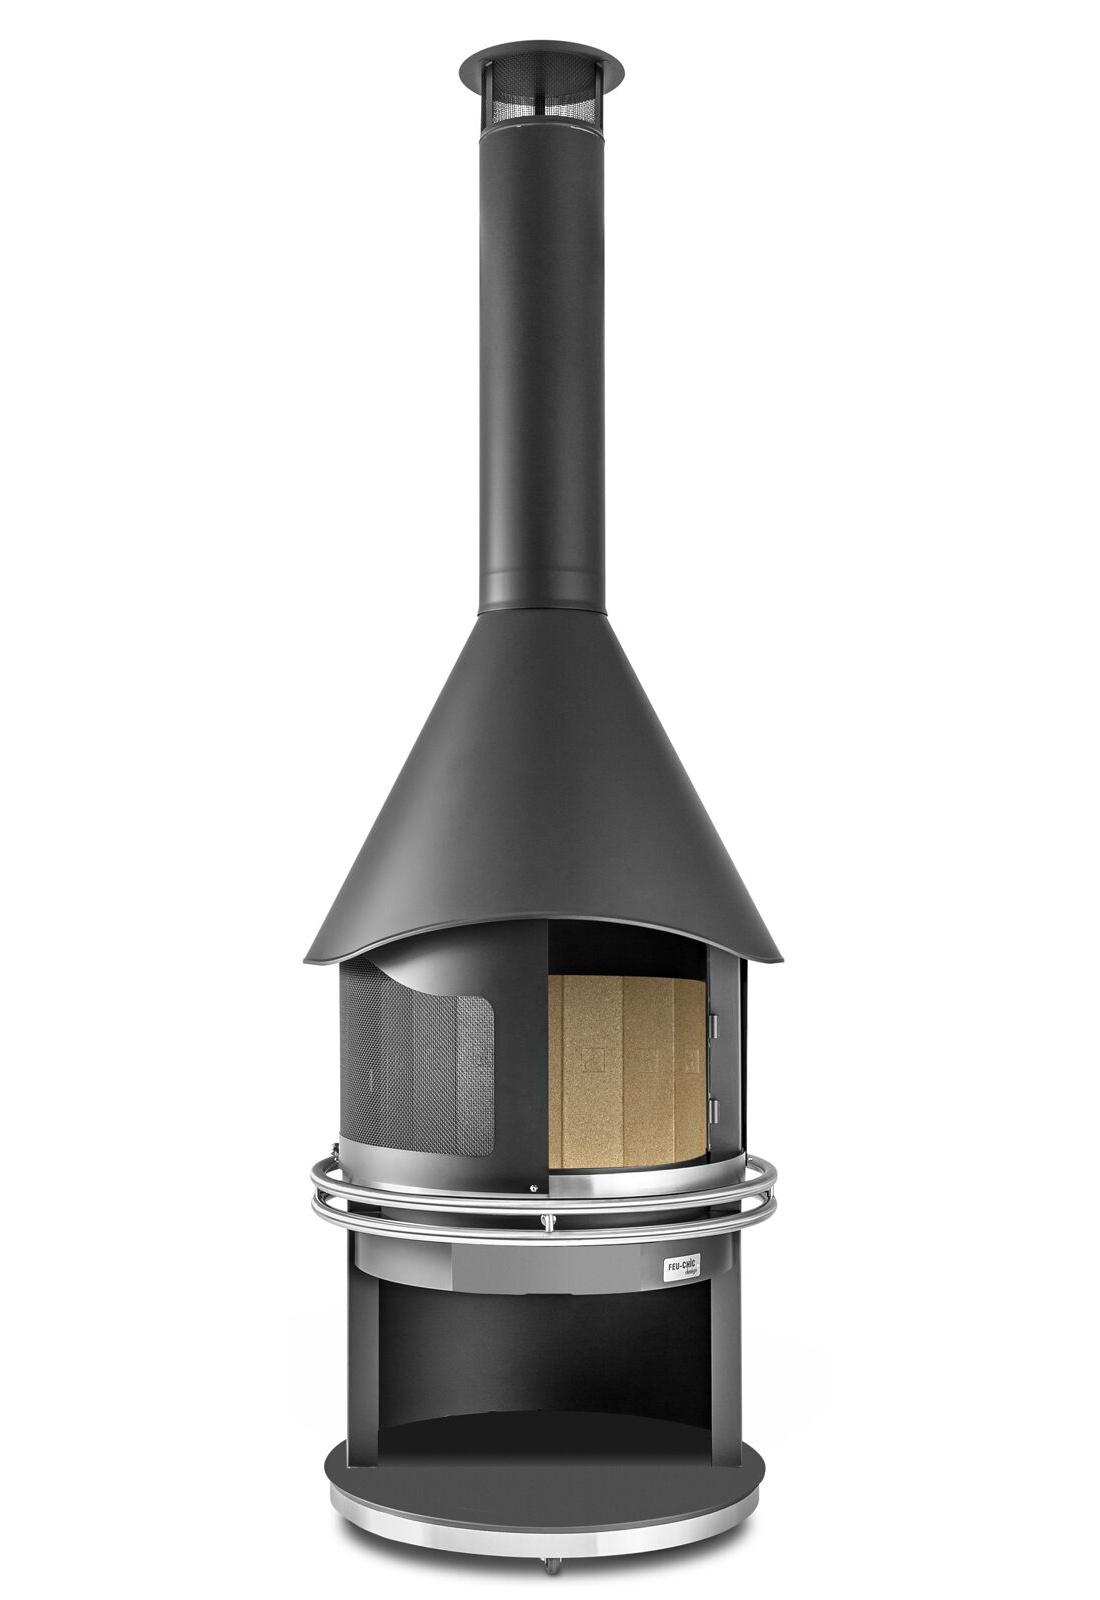 Prix Cheminee Exterieur Feu Chic Design cheminée modèle boldie